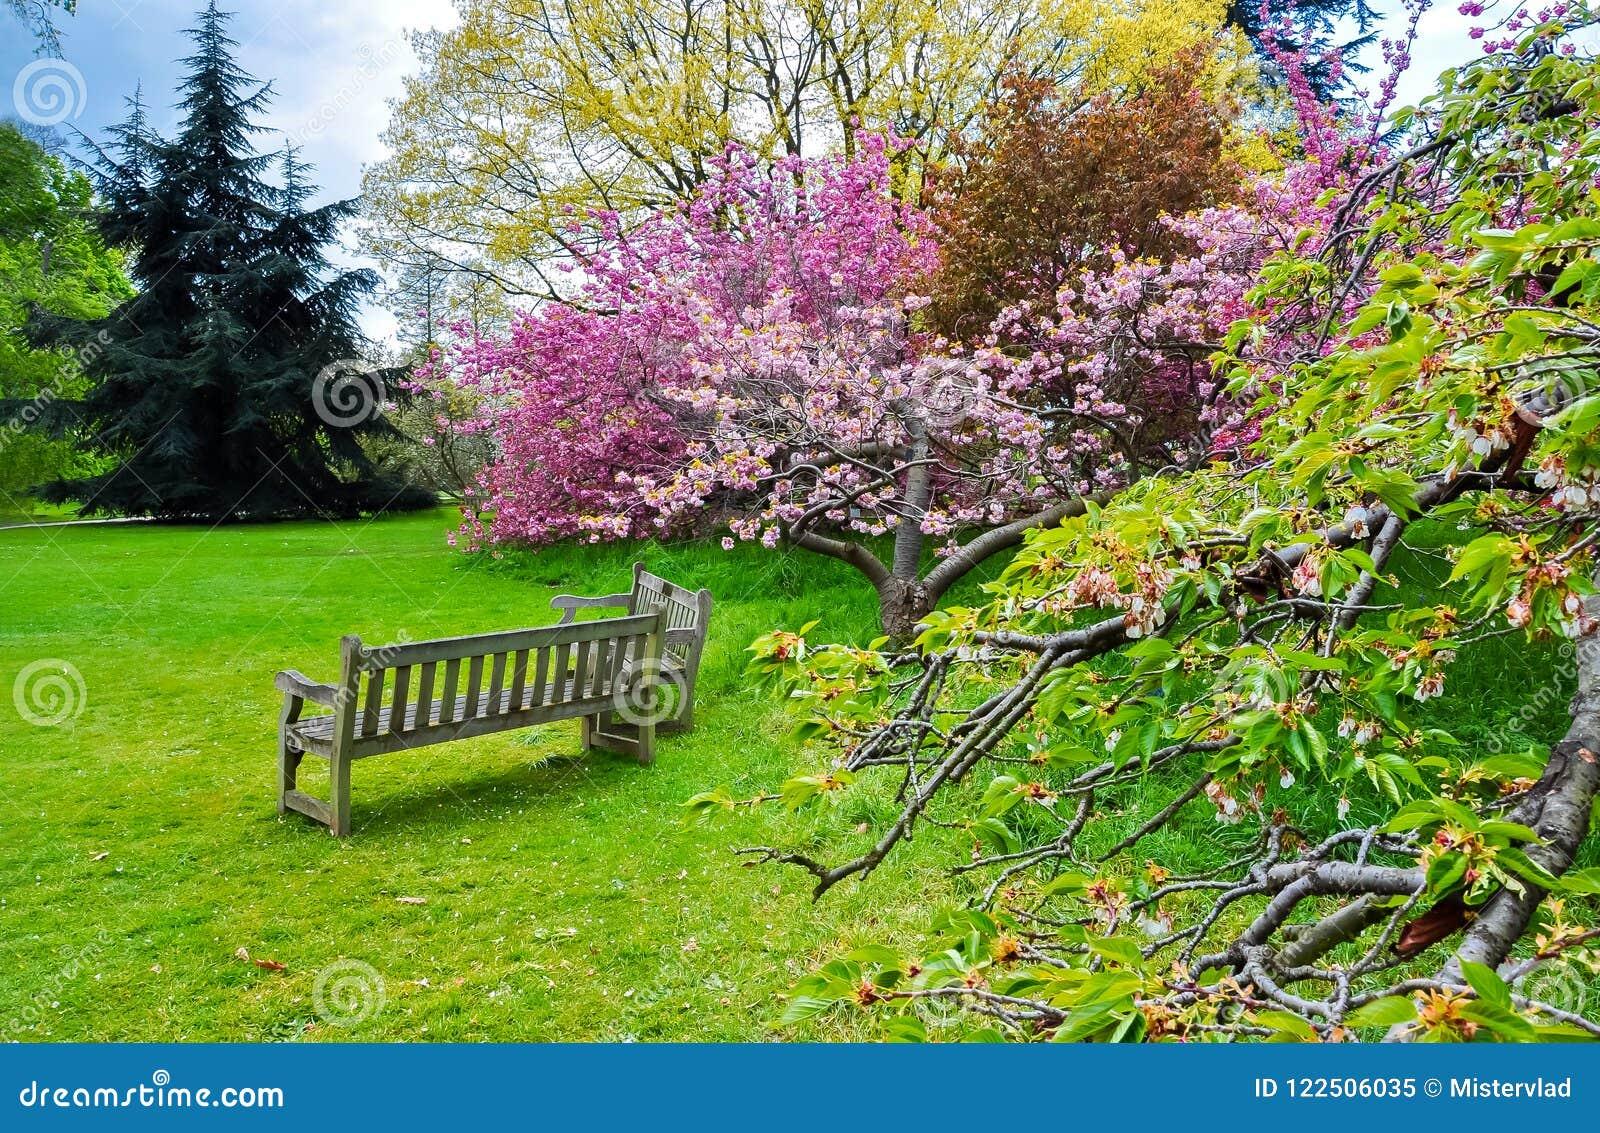 Сад Kew ботанический весной, Лондон, Великобритания